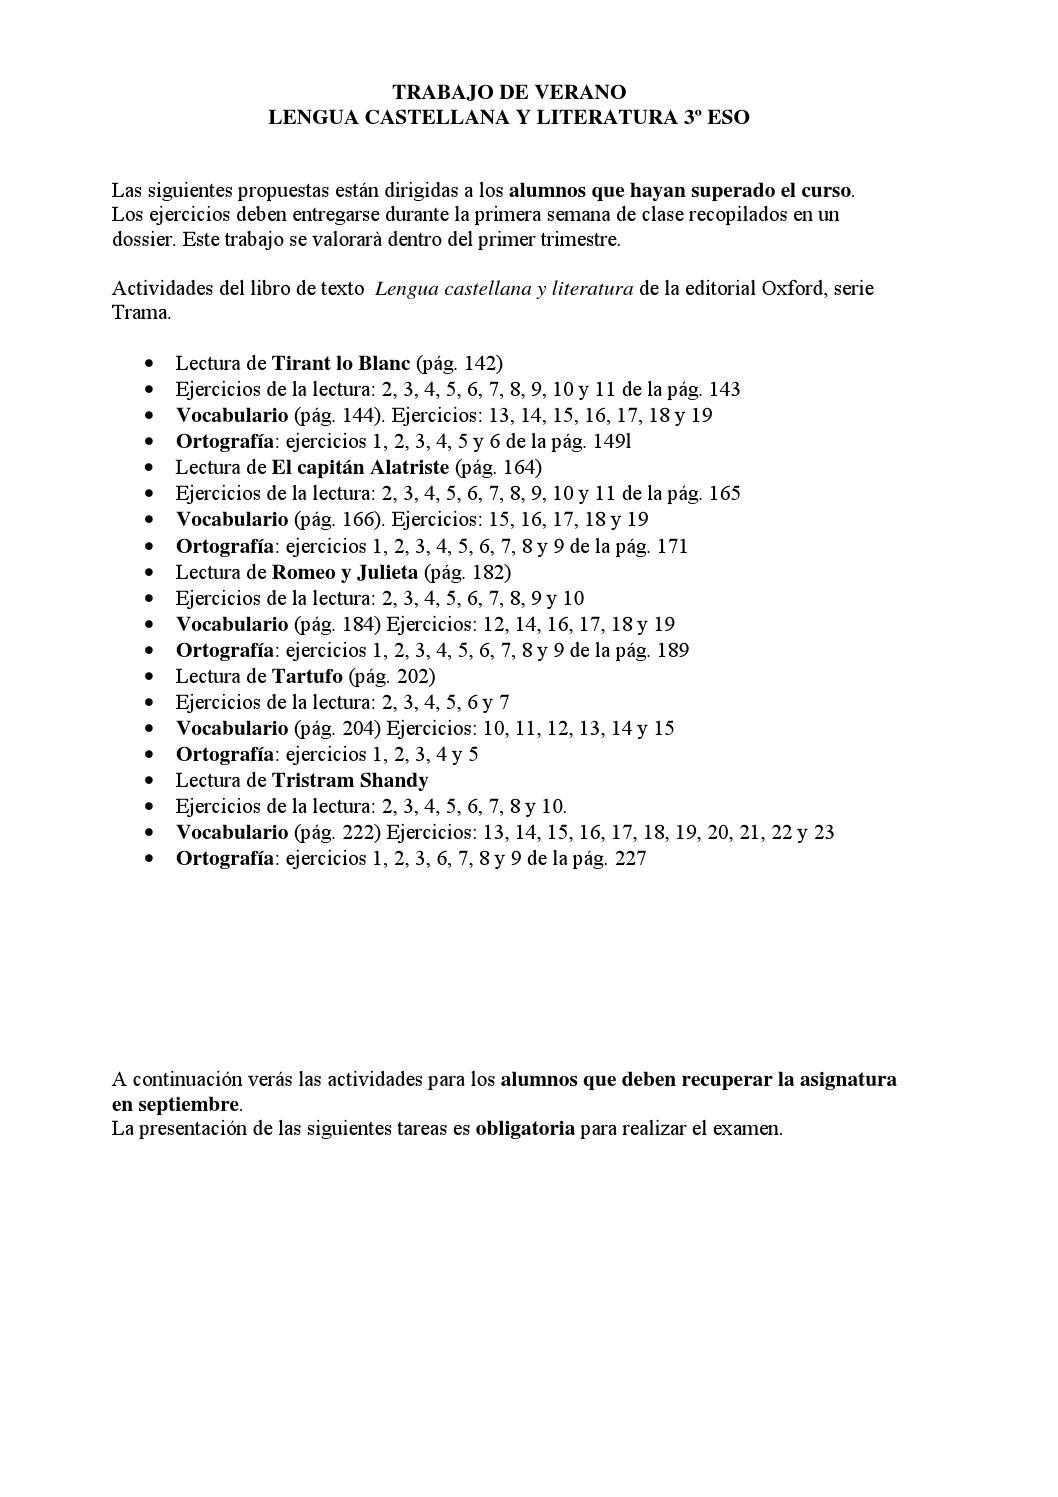 Actividades generales by hectorelia - issuu